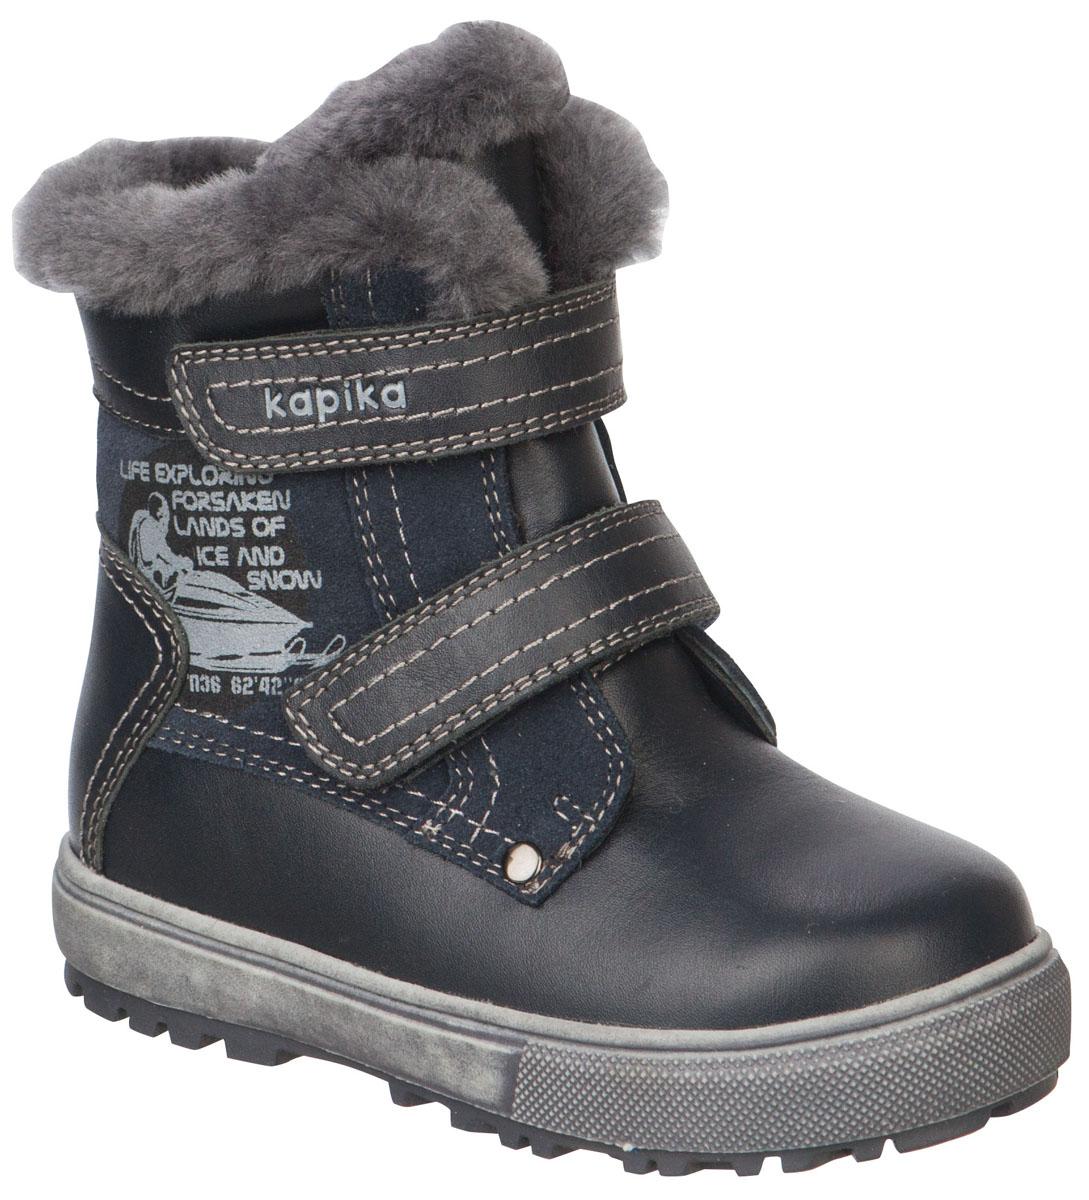 62095Удобные и теплые ботинки от Kapika выполнены из натуральной кожи. Два ремешка на застежках-липучках надежно фиксируют изделие на ноге. Мягкая подкладка и съемная стелька из натуральной овечьей шерсти обеспечивают тепло, циркуляцию воздуха и сохраняют комфортный микроклимат в обуви. Подошва с протектором гарантирует идеальное сцепление с любыми поверхностями. Идеальная зимняя обувь для активных детей. Модель большемерит на половину размера.